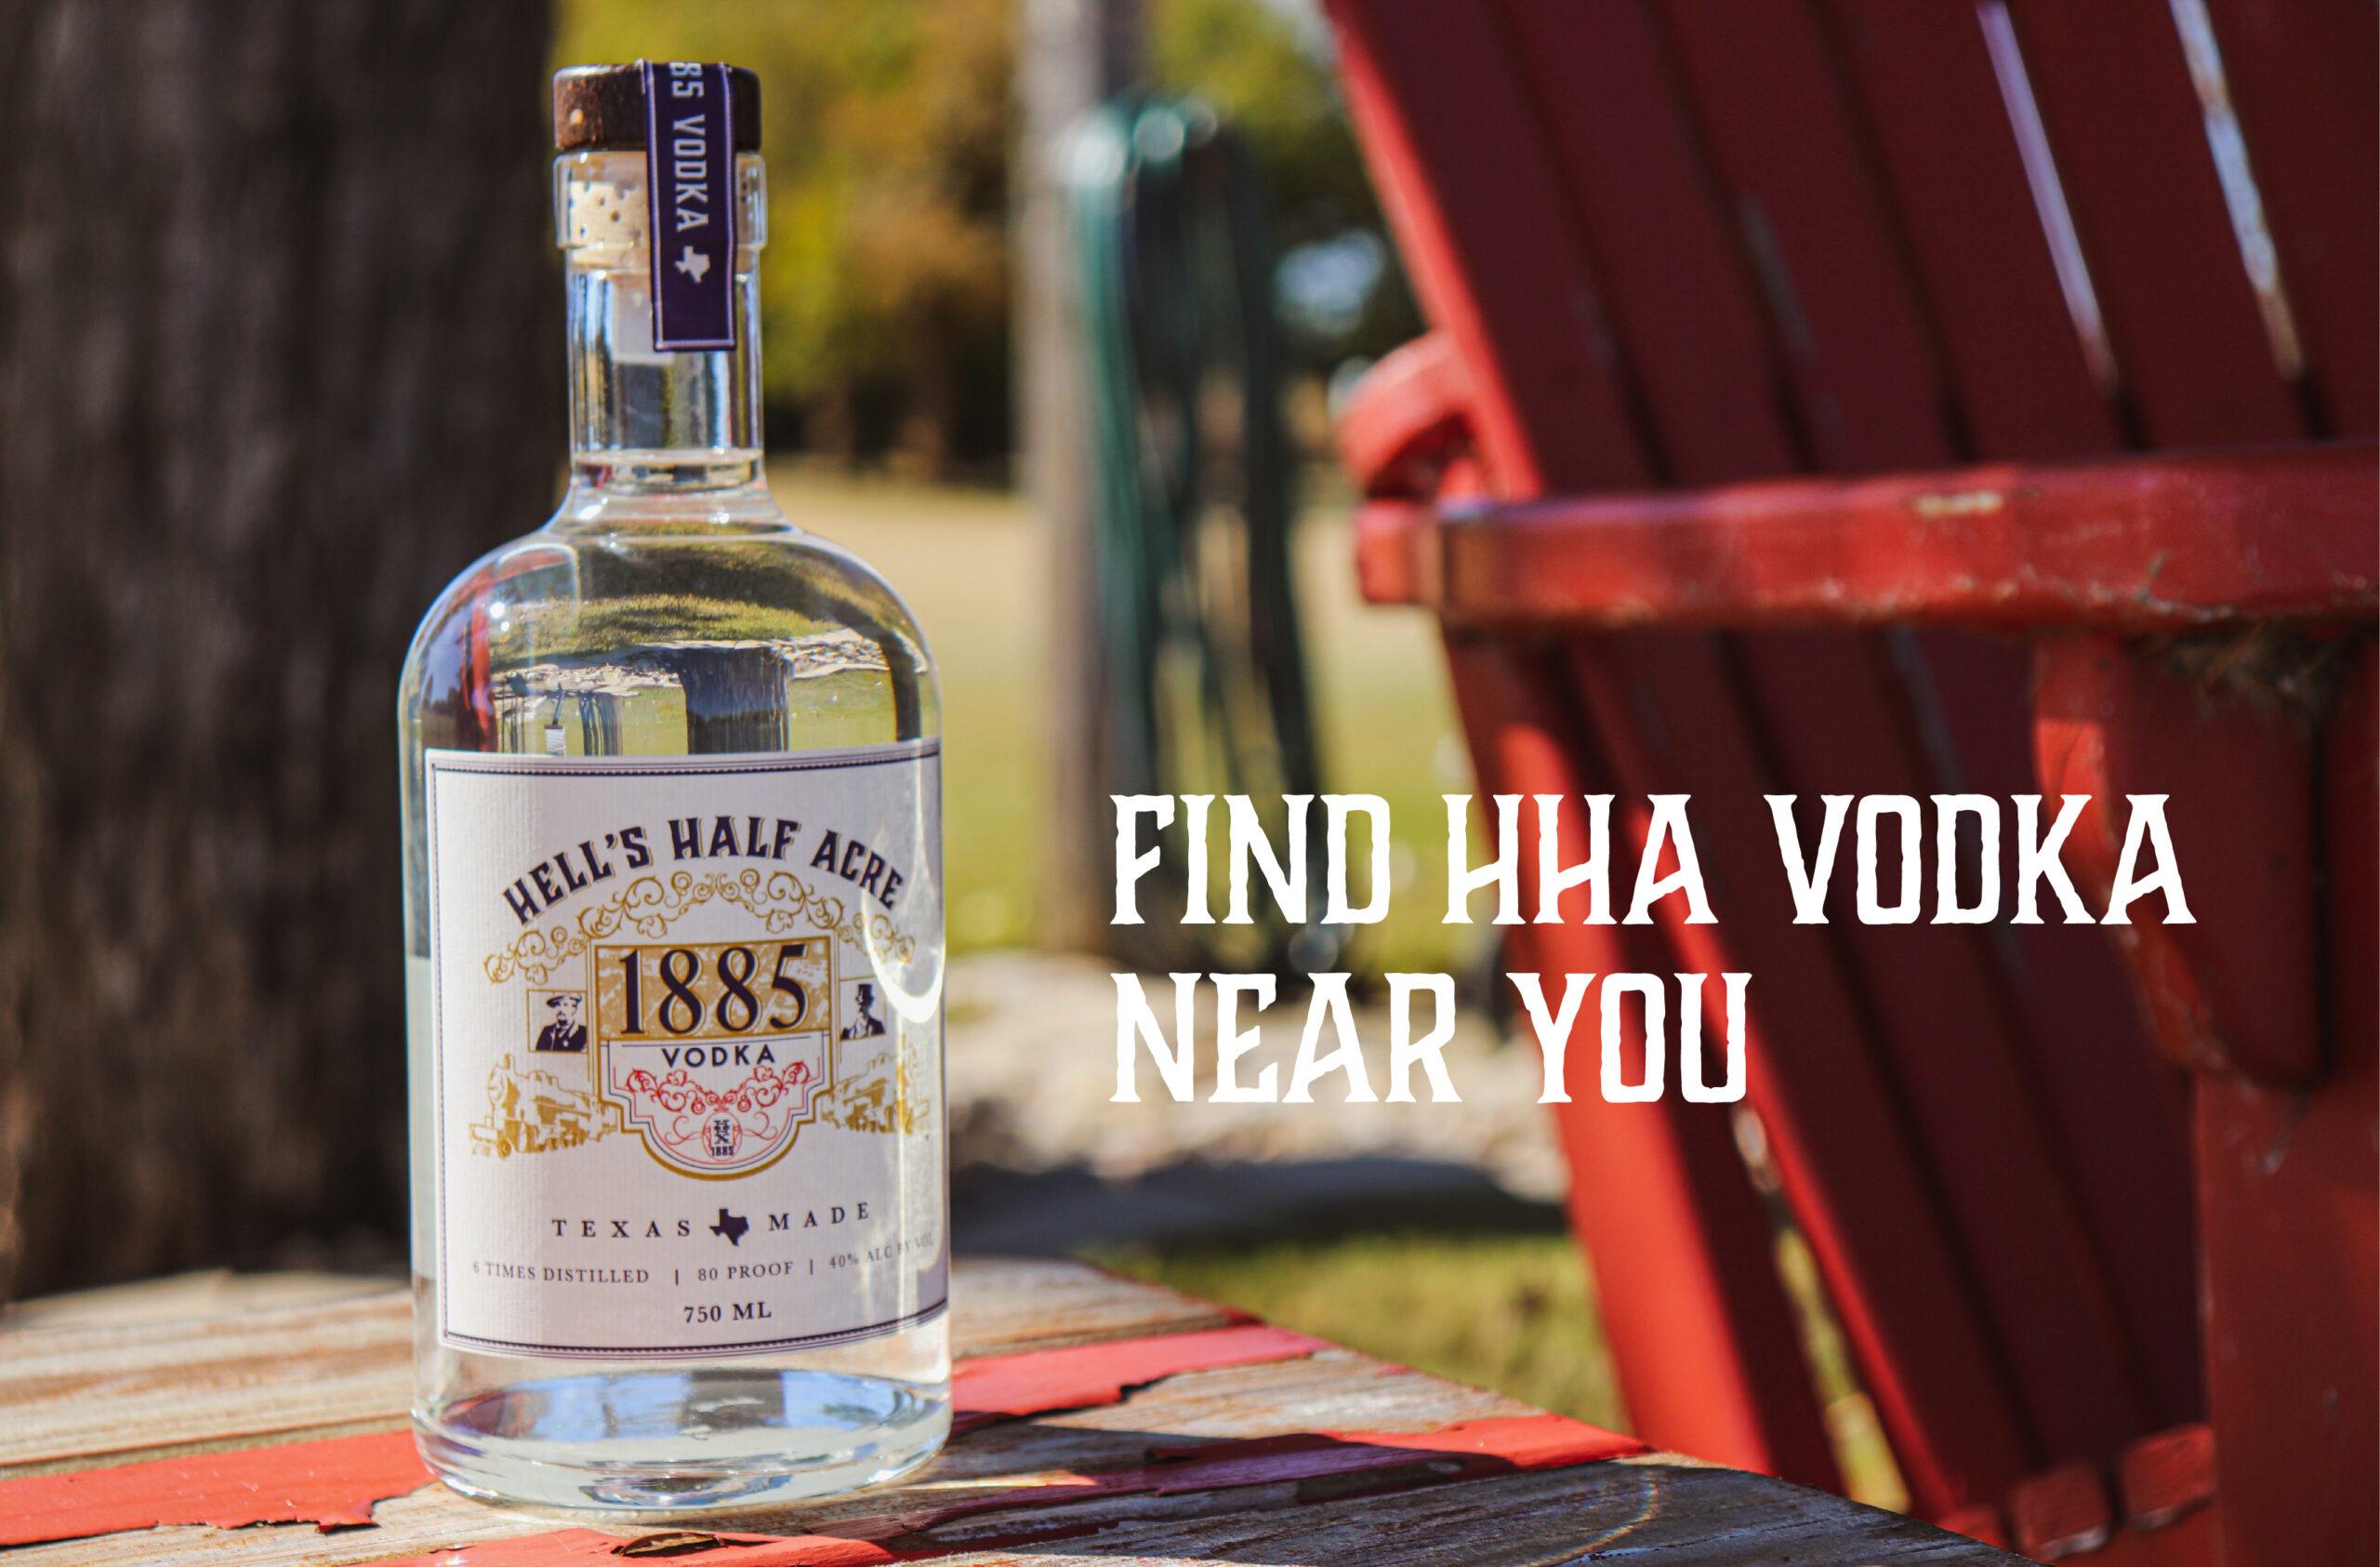 Find hha vodka near you